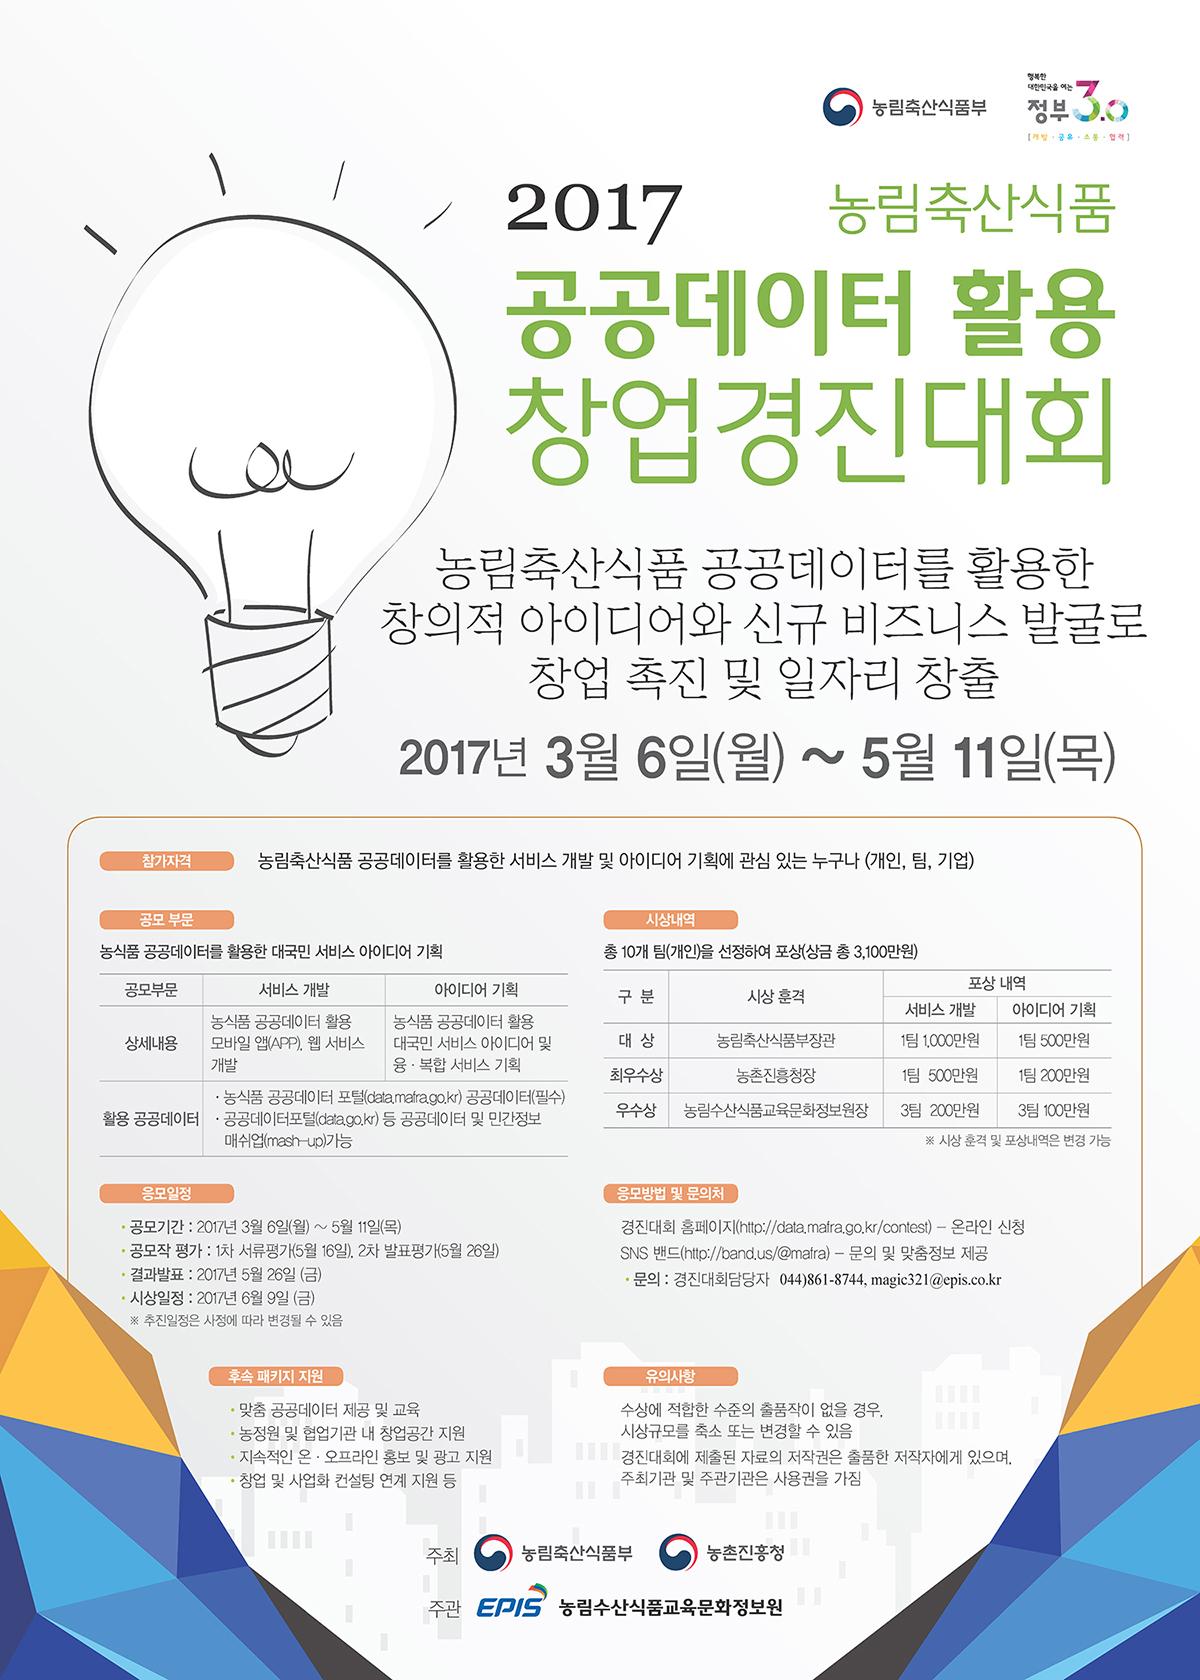 2017년 농림축산식품 공공데이터 활용 창업경진대회